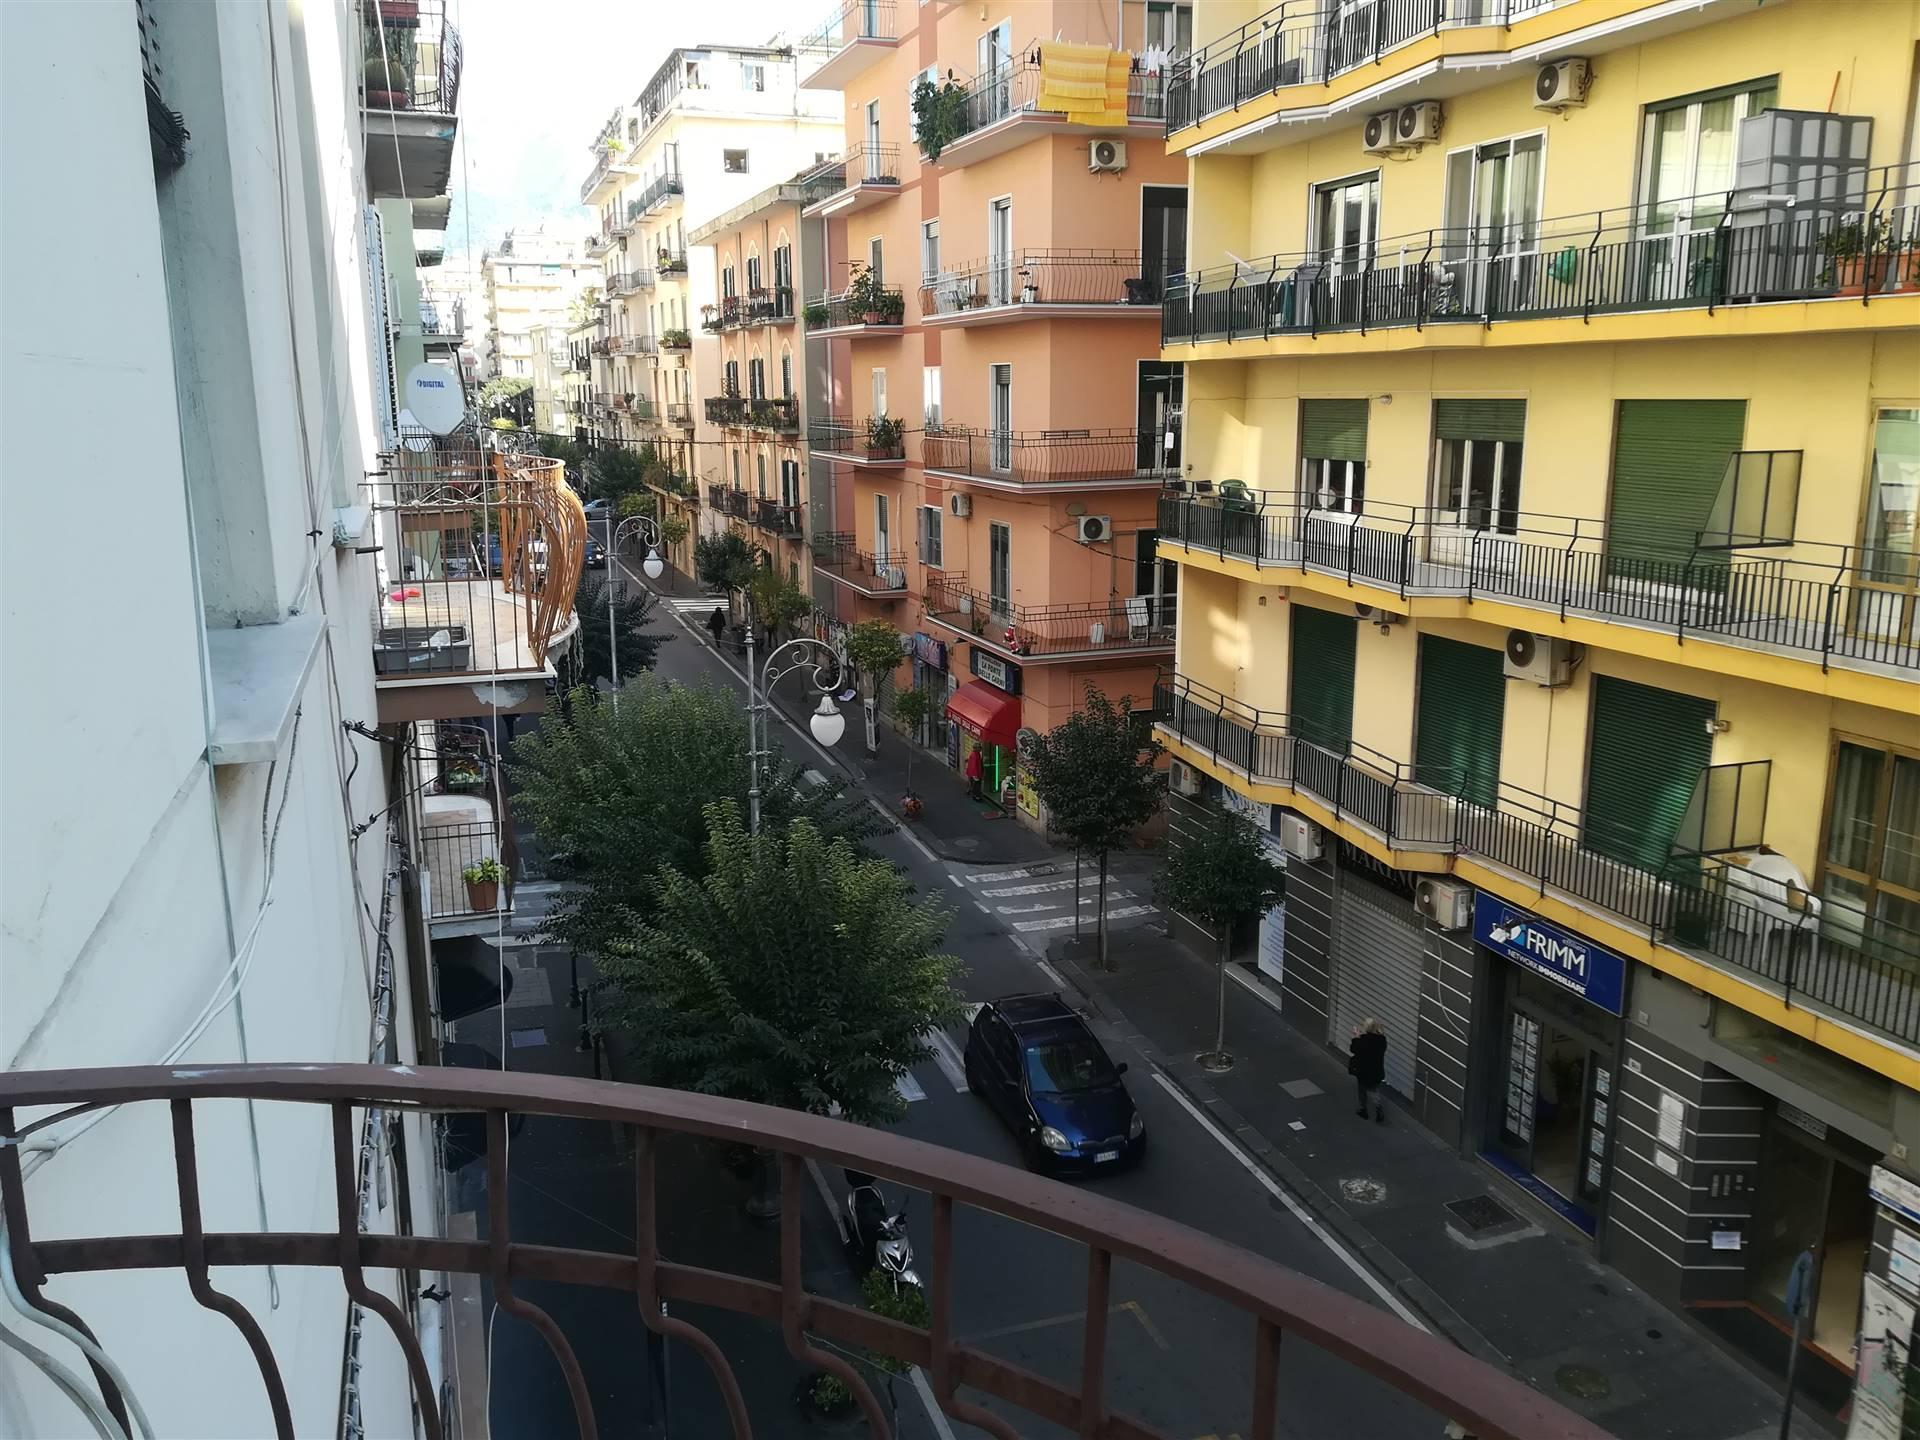 Appartamento in affitto a Salerno, 5 locali, zona Zona: Carmine, prezzo € 800   CambioCasa.it